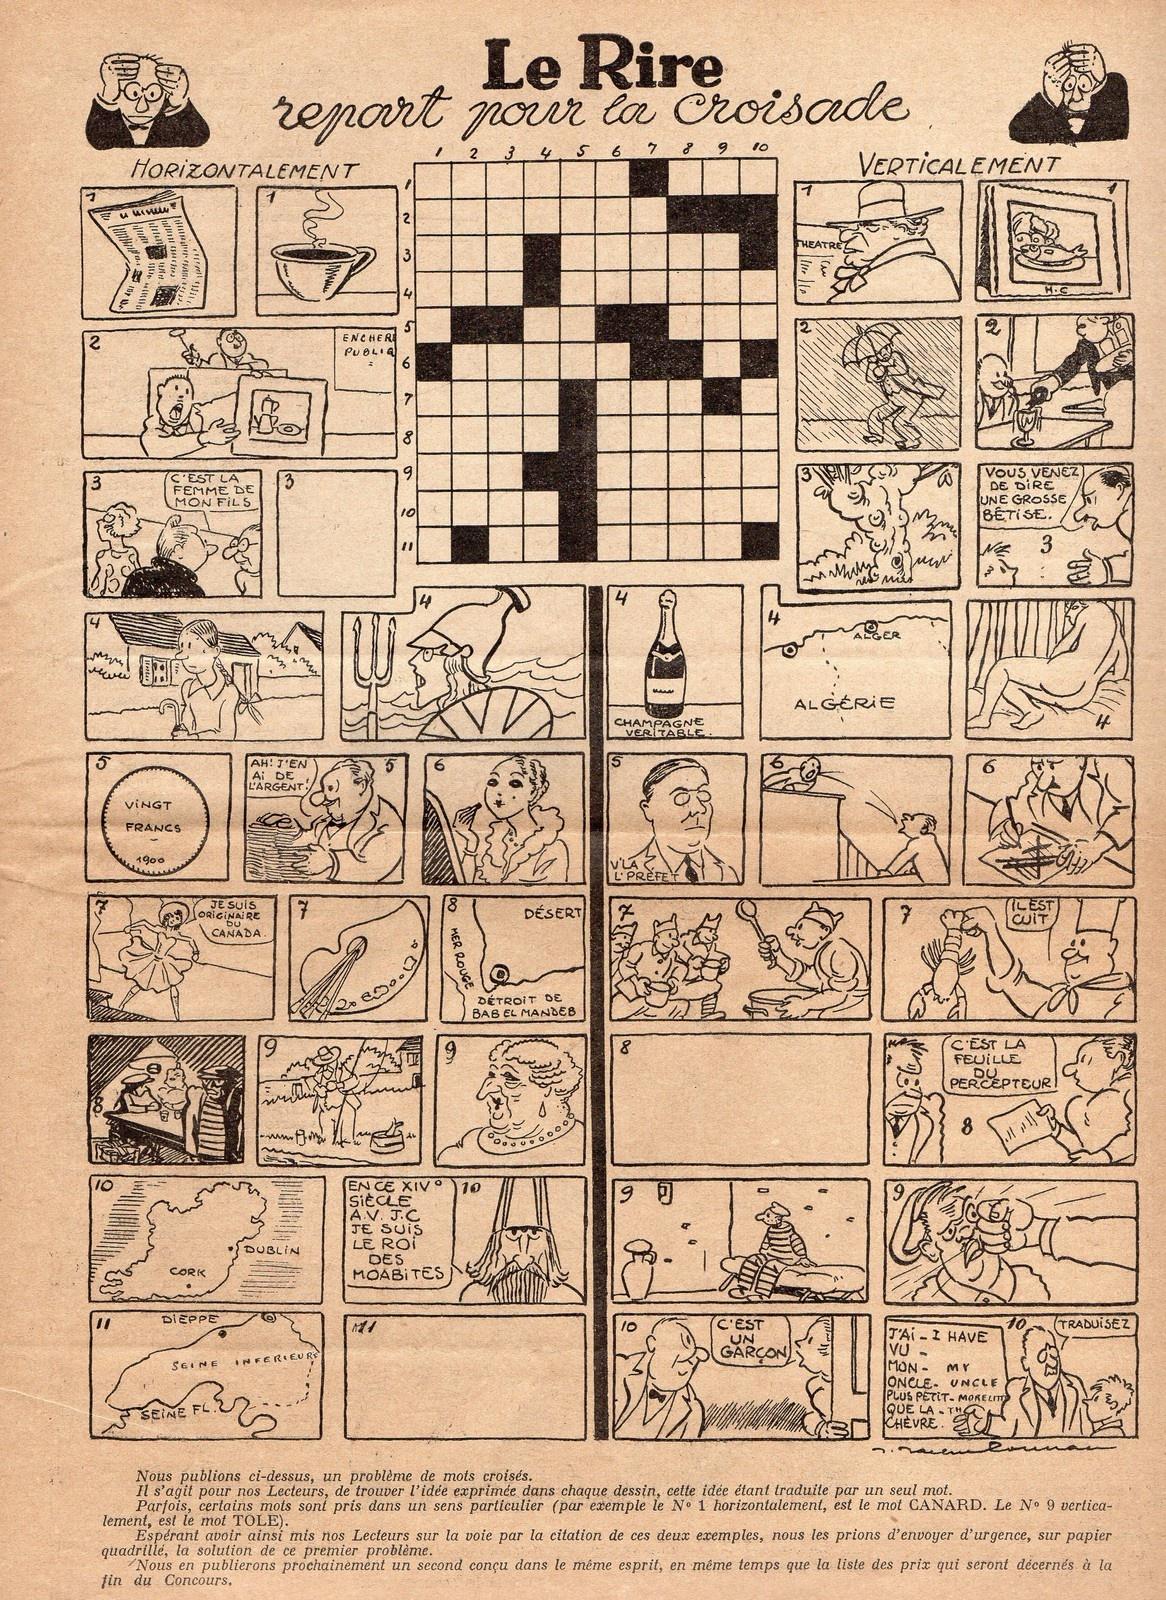 Rubrique À Brac : Des Mots Croisés Dessinés (Le Rire, 1933) - pour Mots Croisés Personnalisés